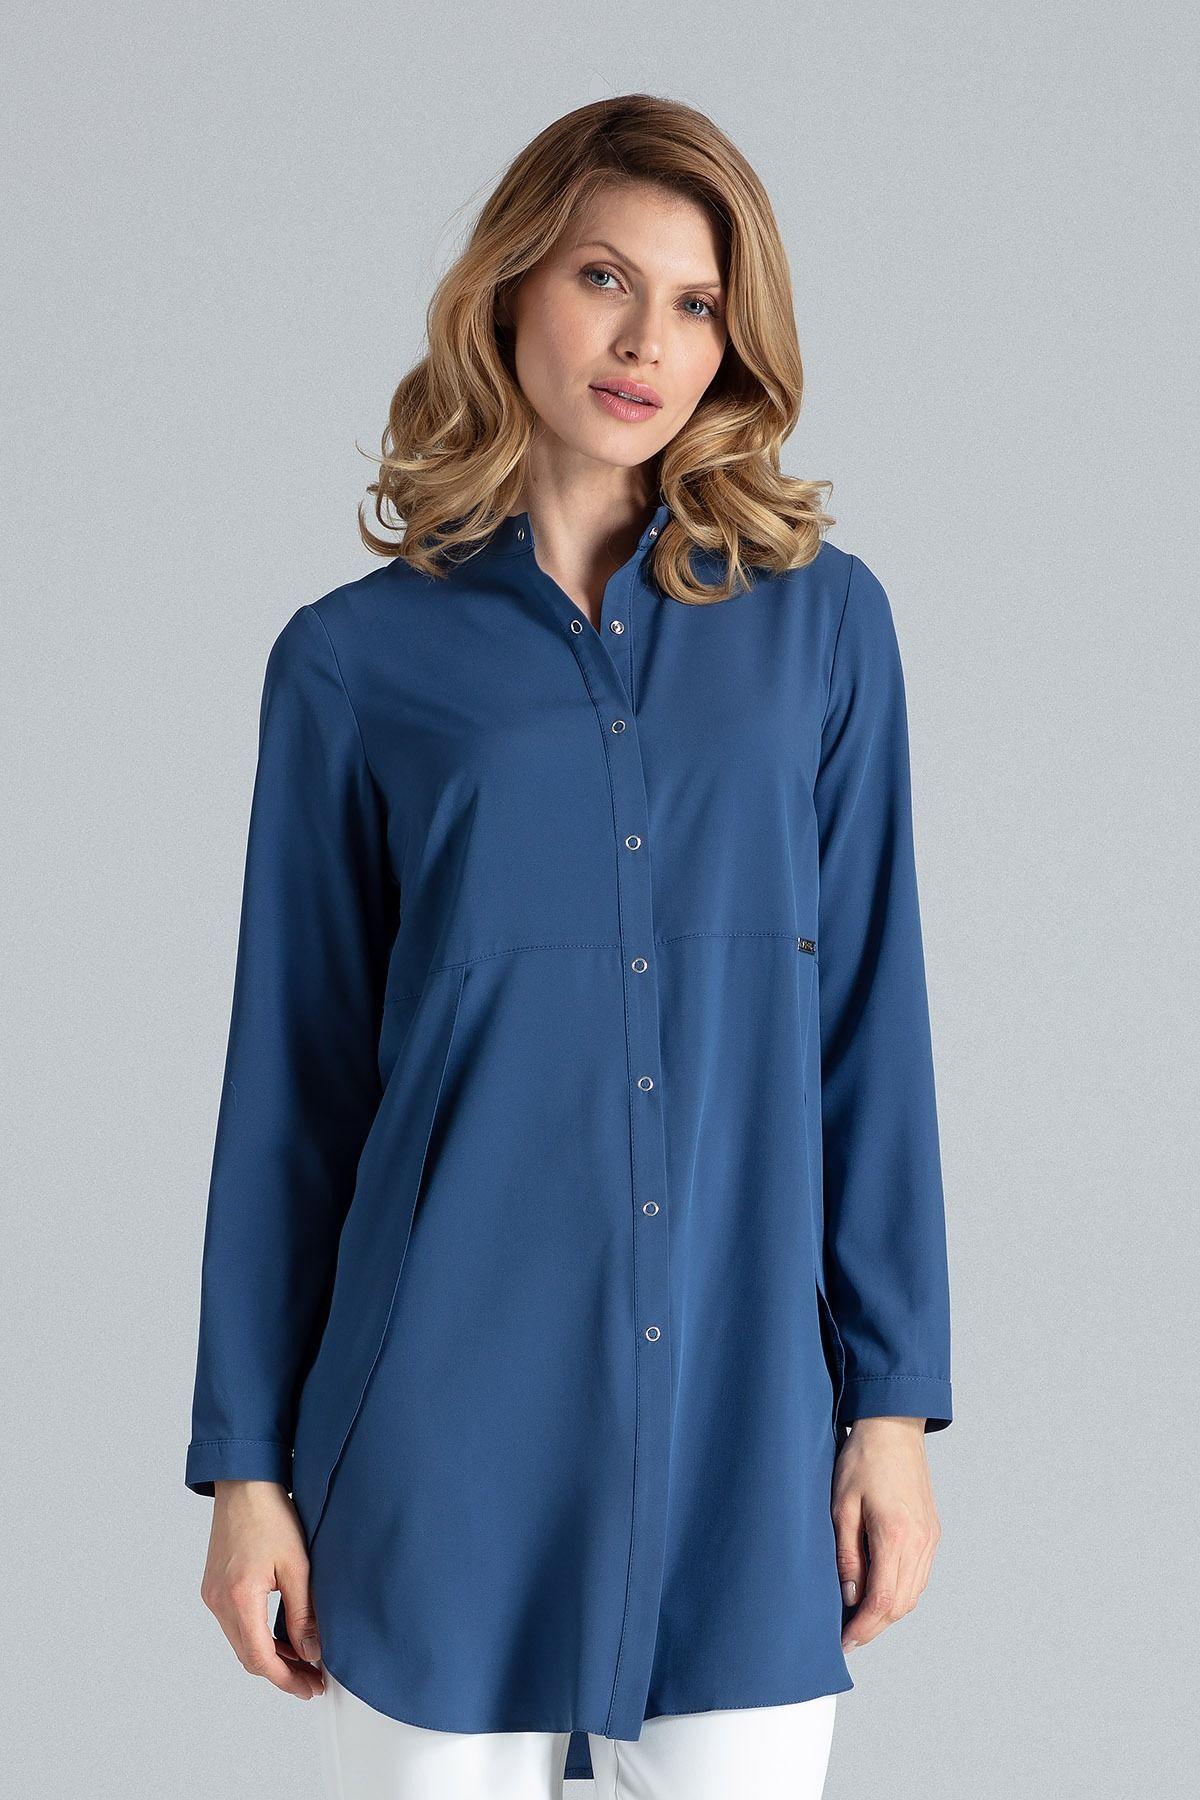 Granatowa koszula -tunika zapinana na zatrzaski